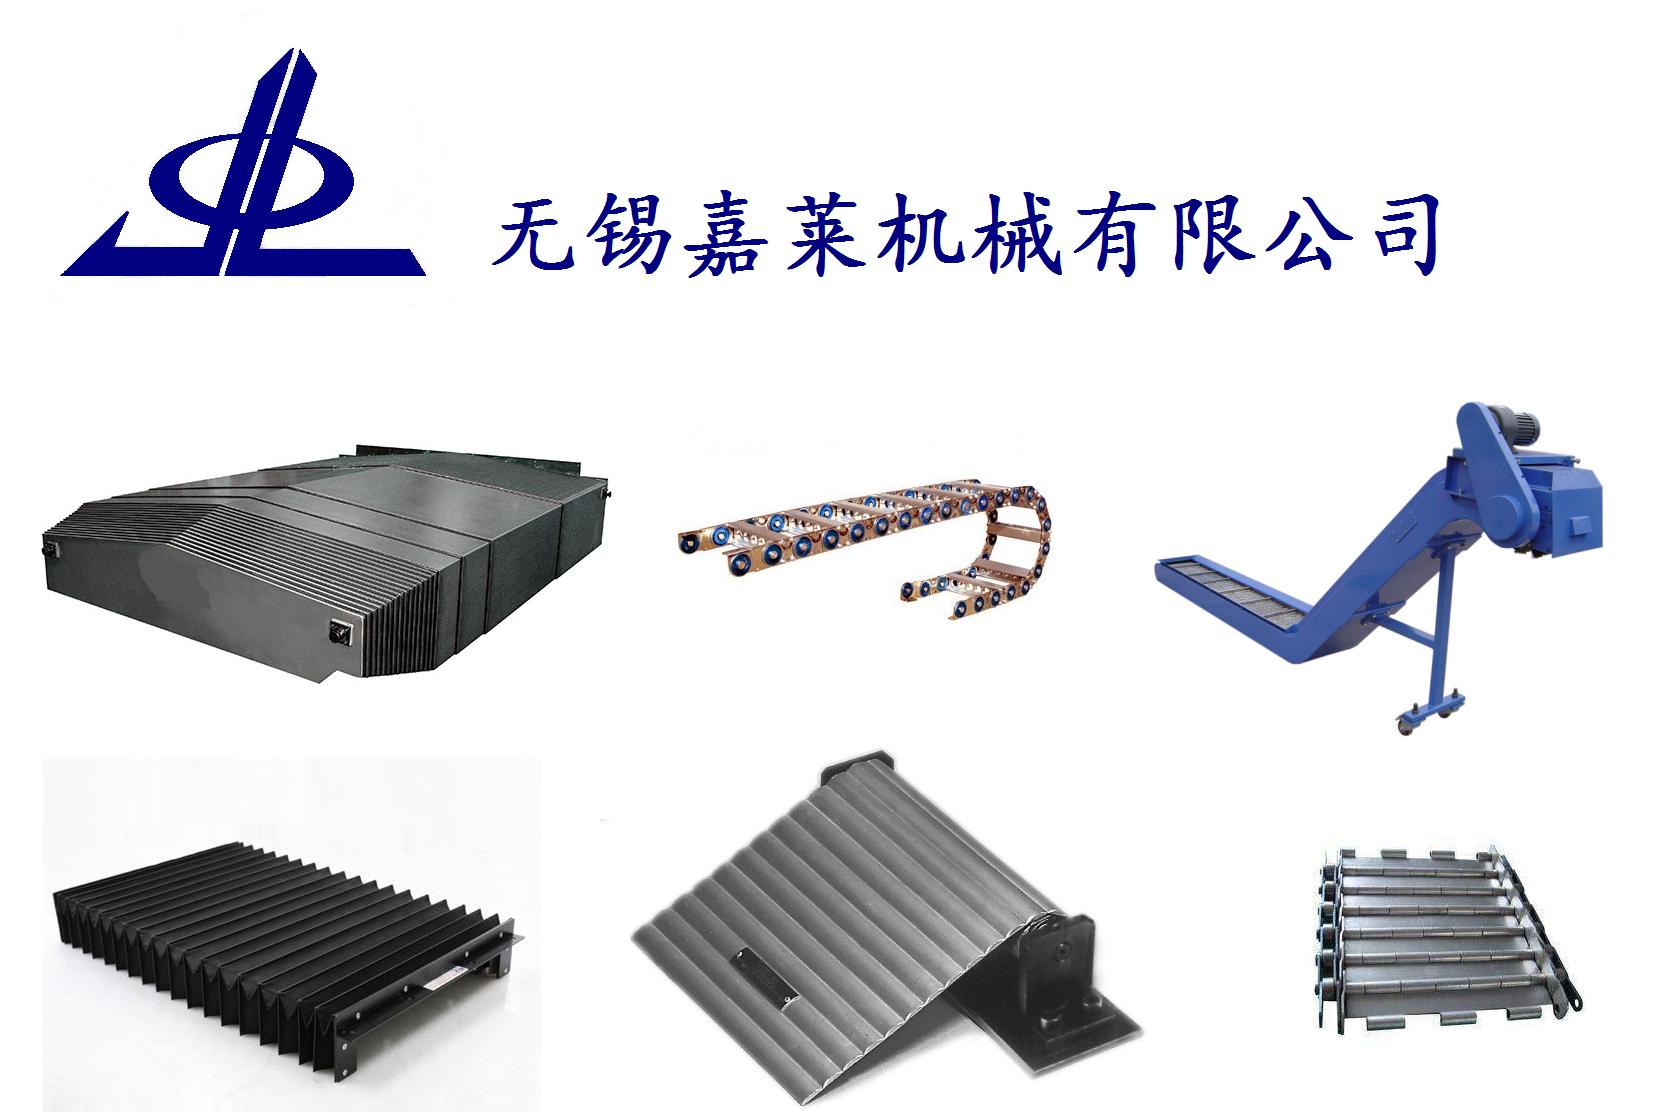 無錫機床排屑機生產廠家